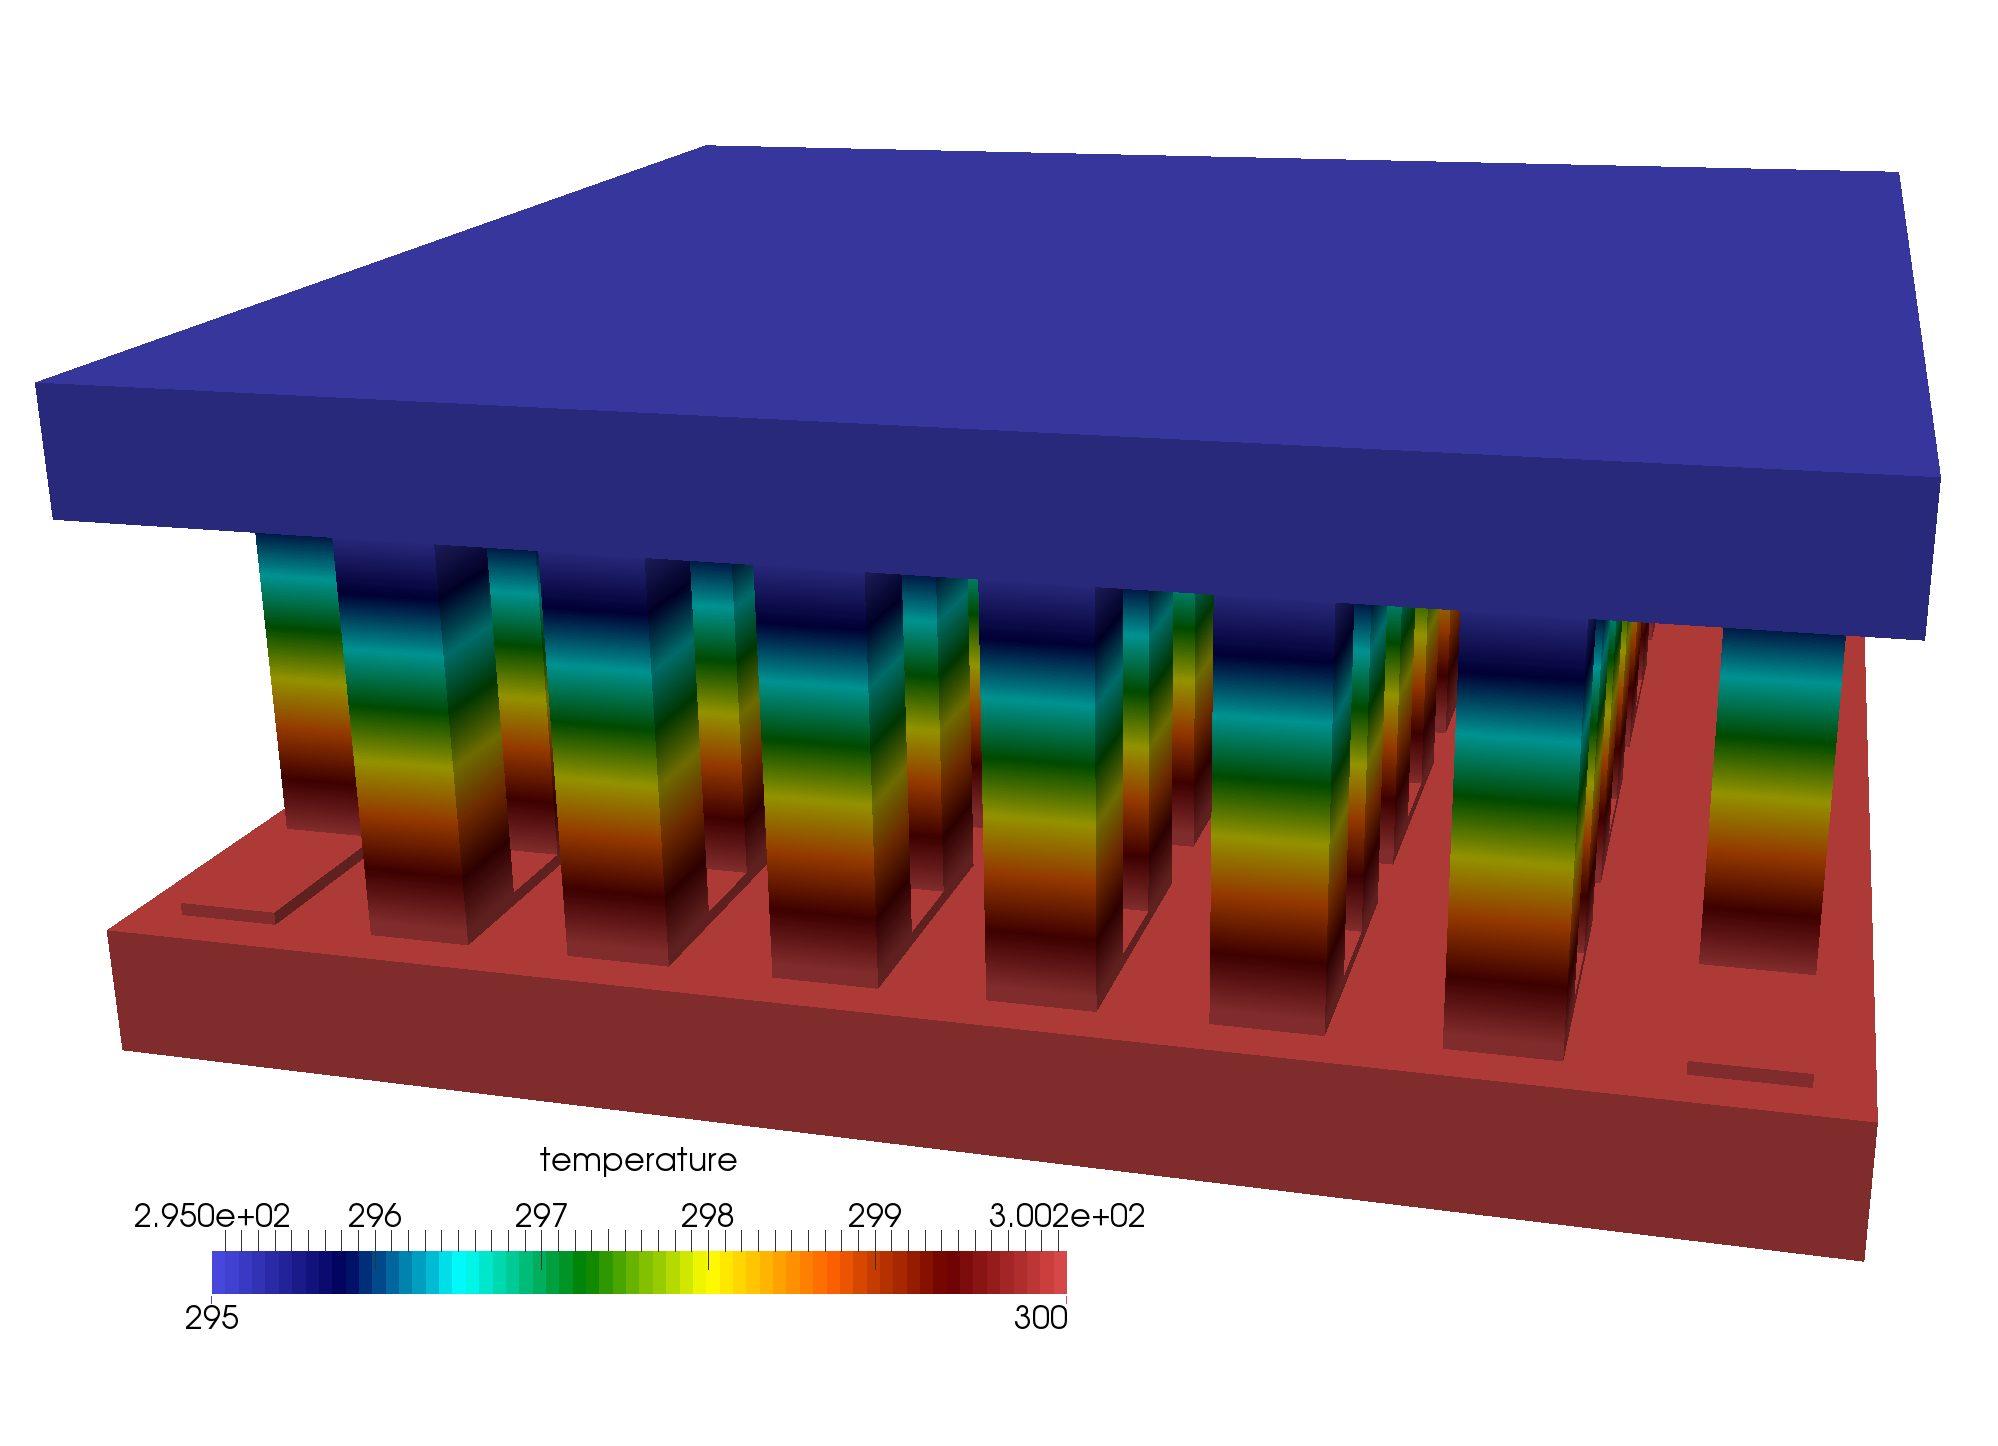 Temperature distribution in the Peltier module